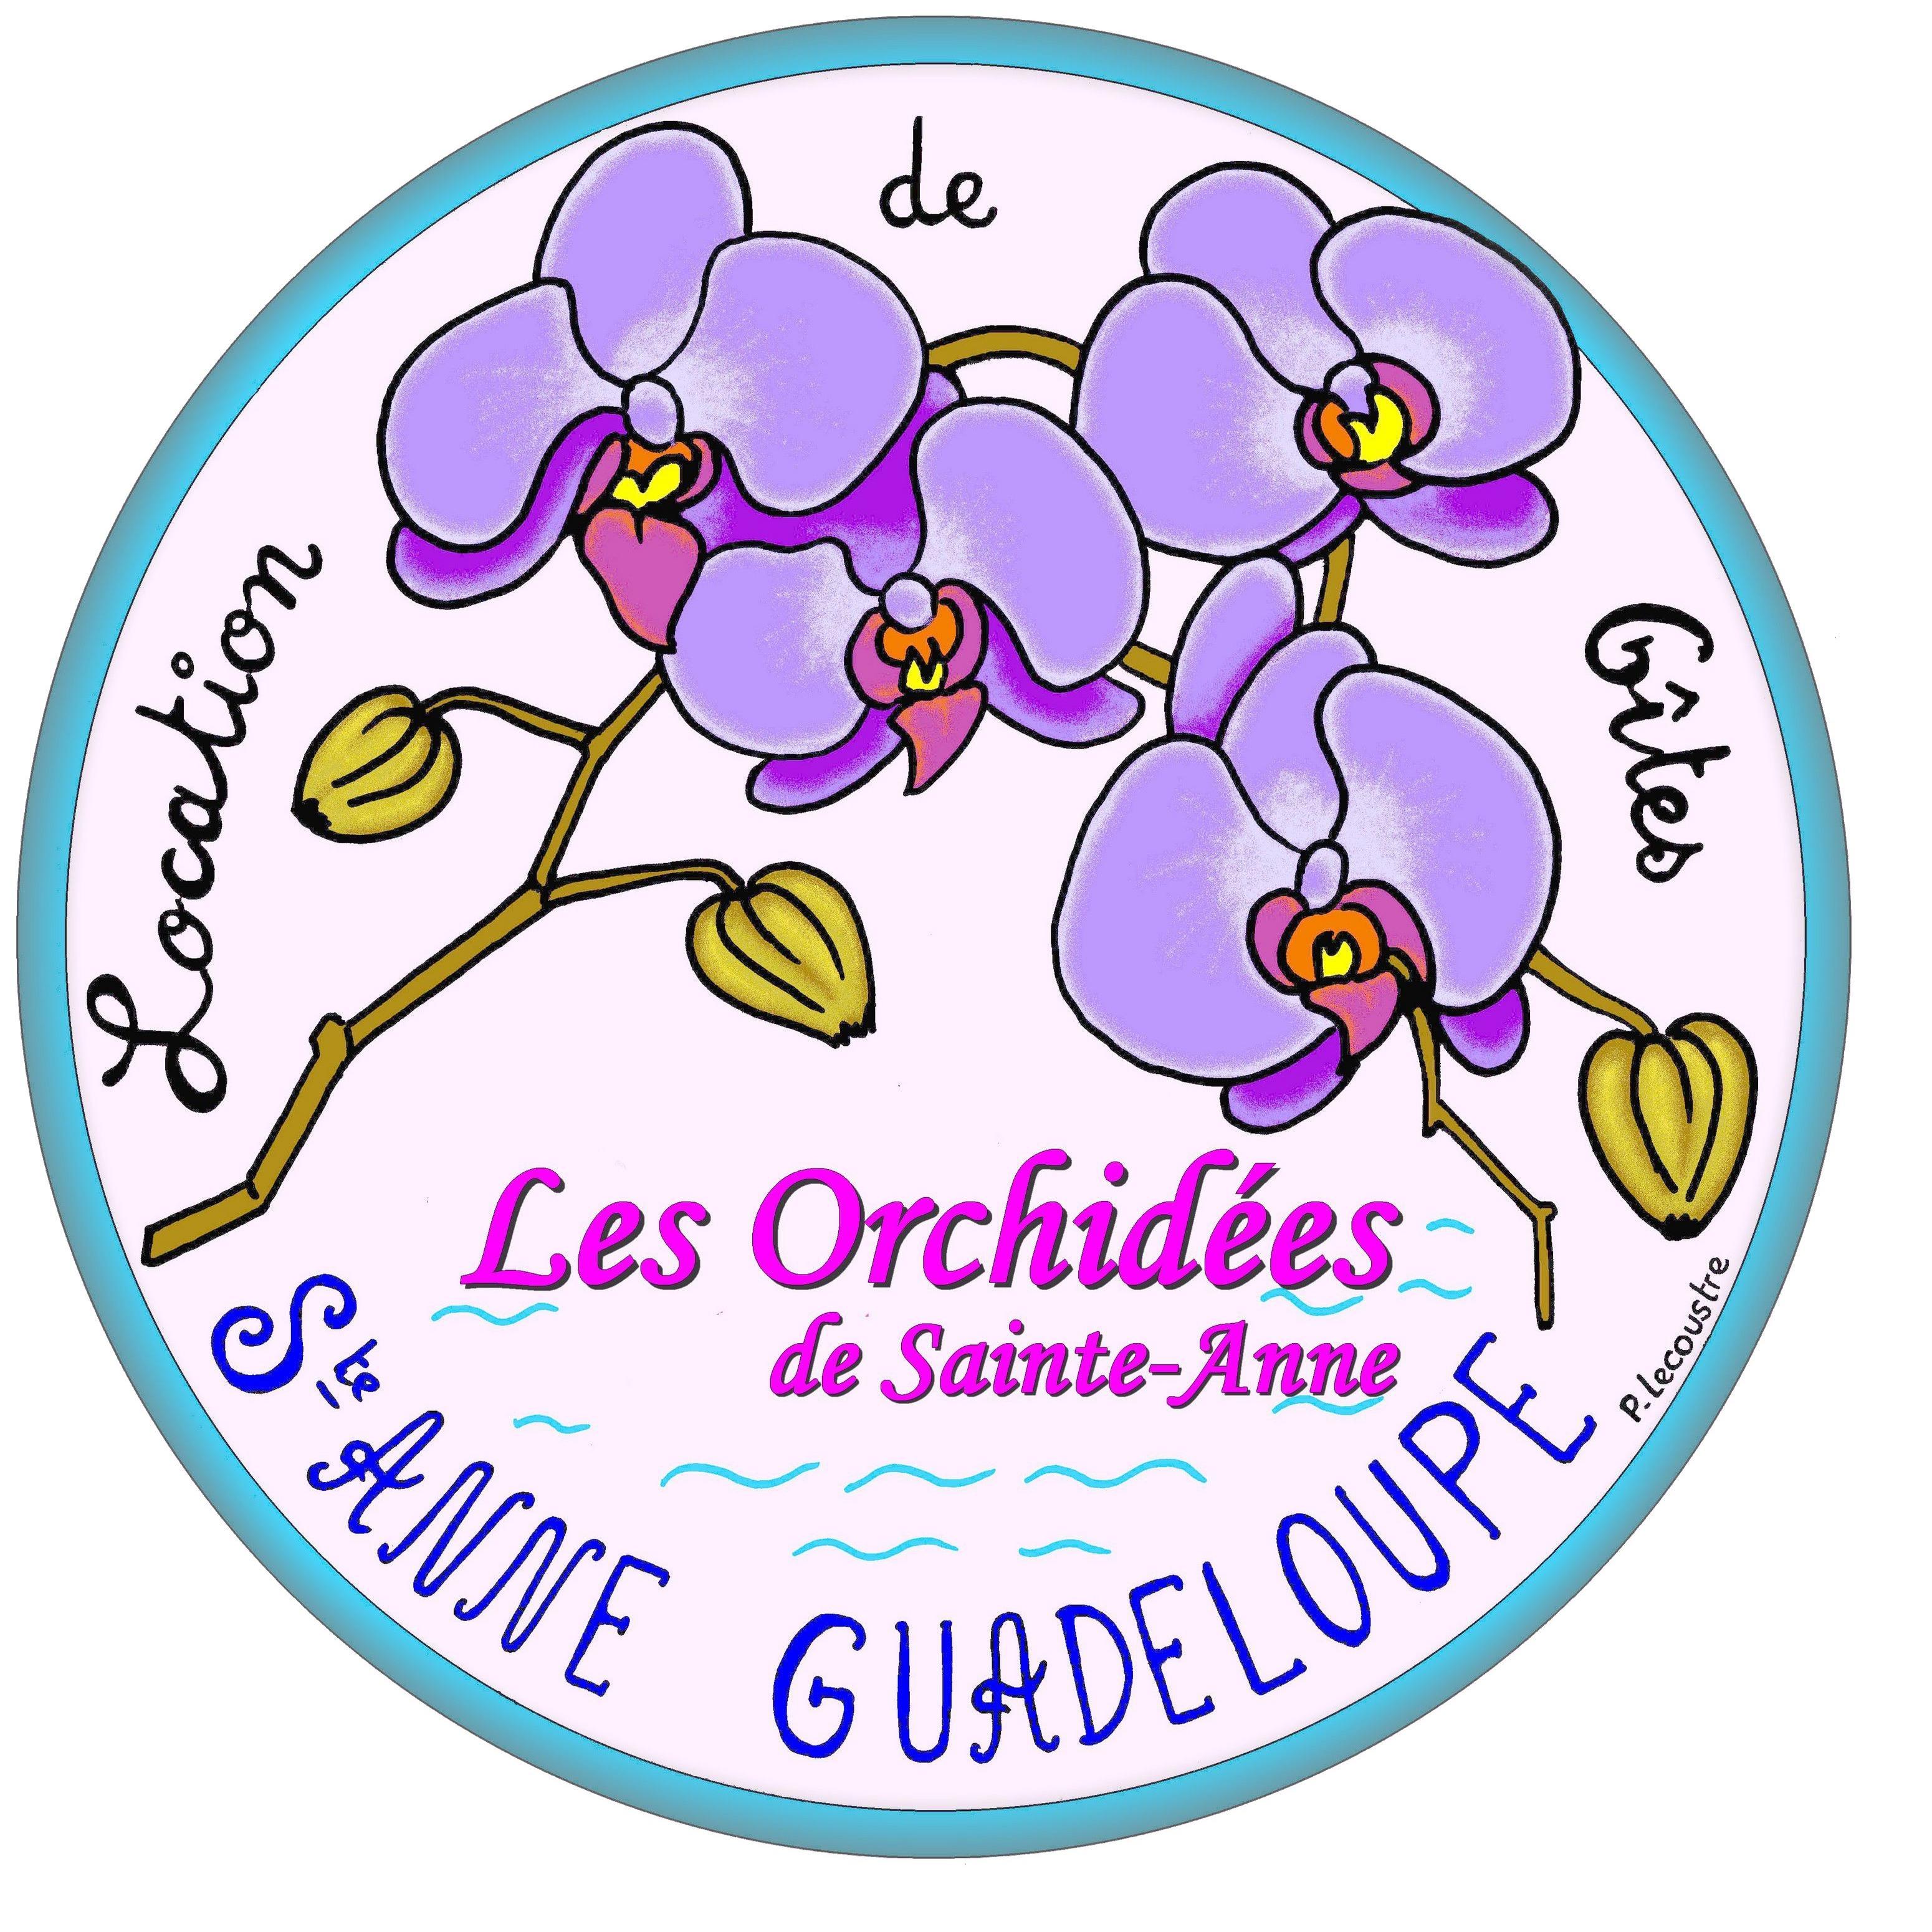 Les Orchidées de Sainte Anne